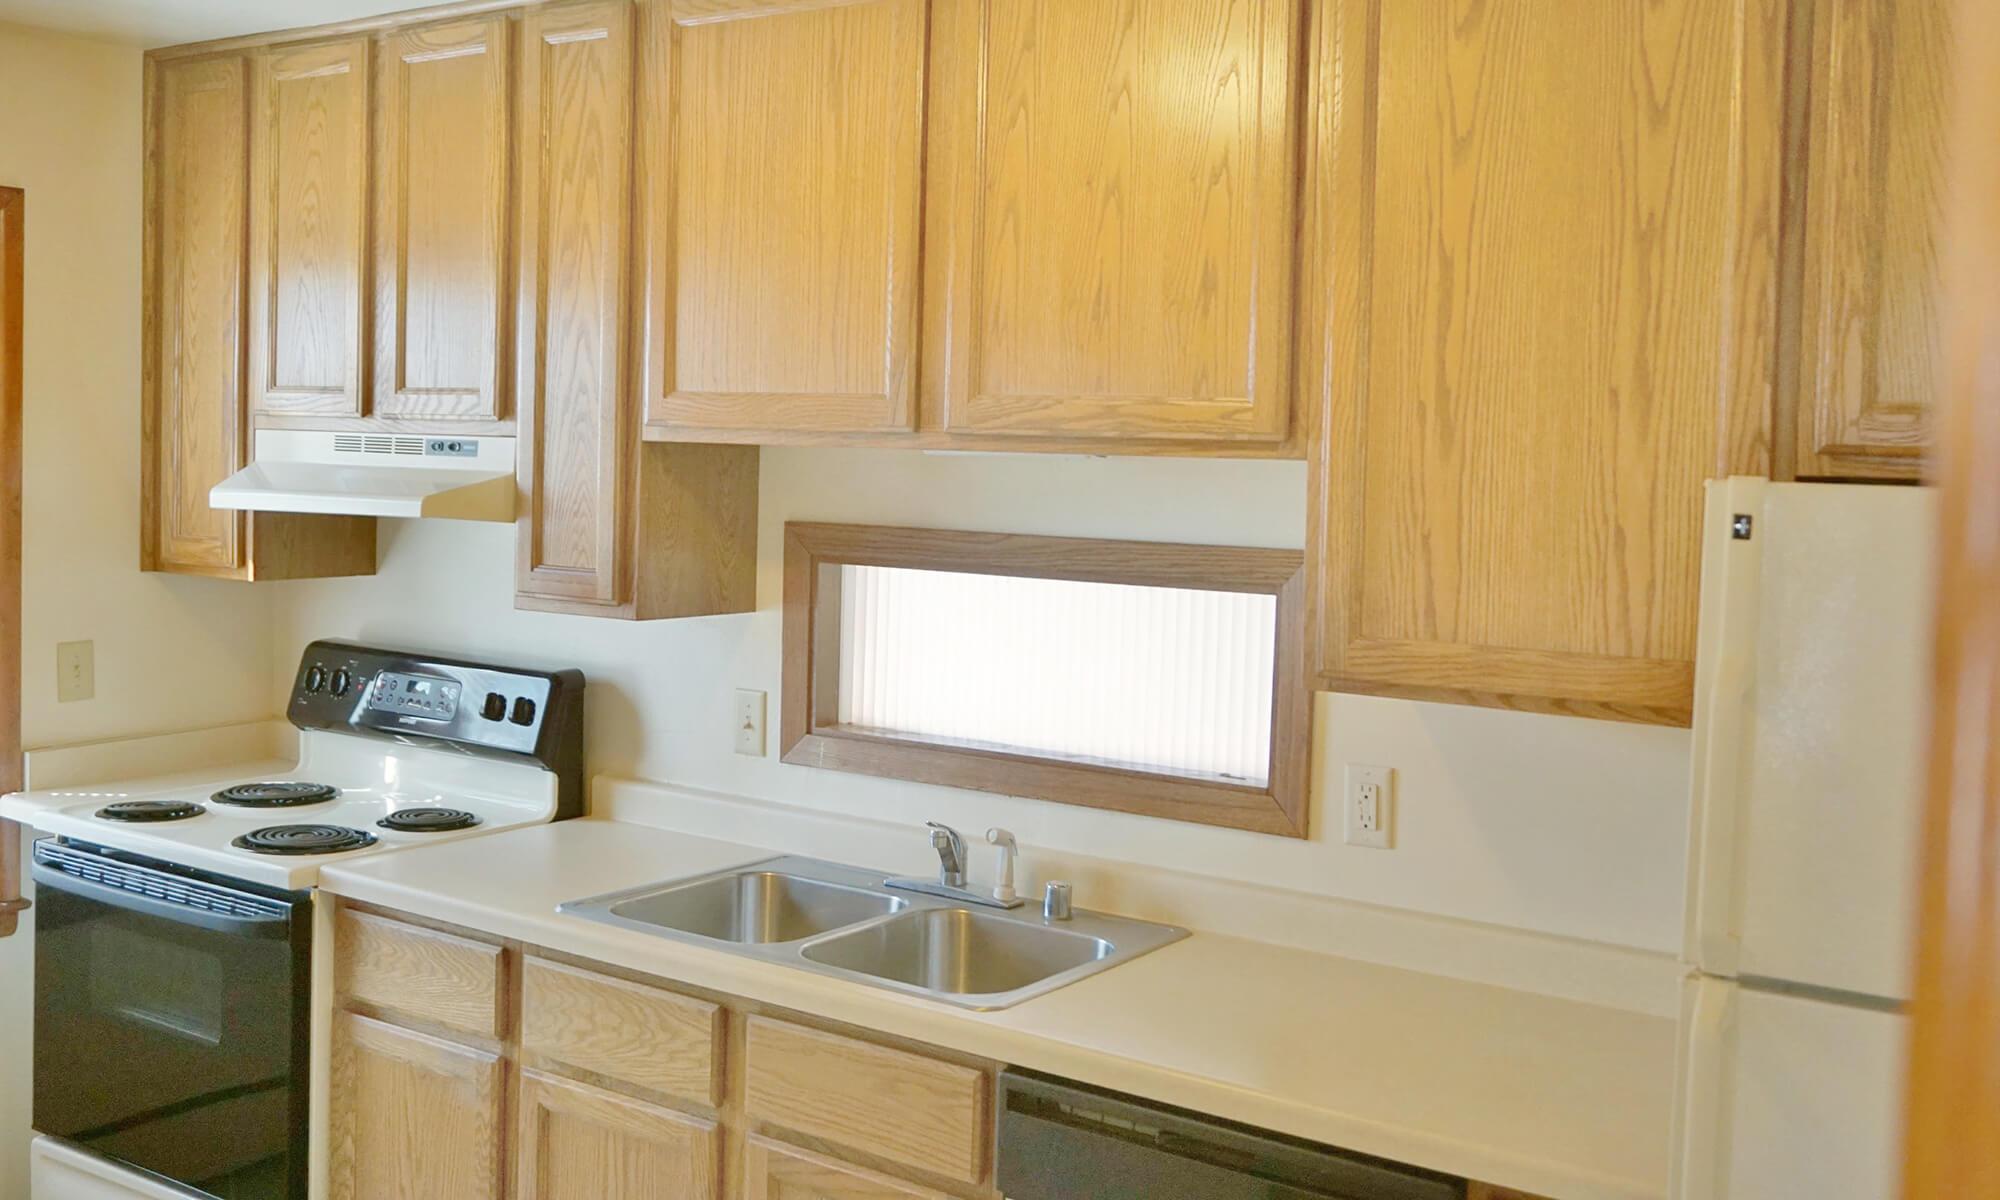 2B 1B TH Kitchen 3 (2)